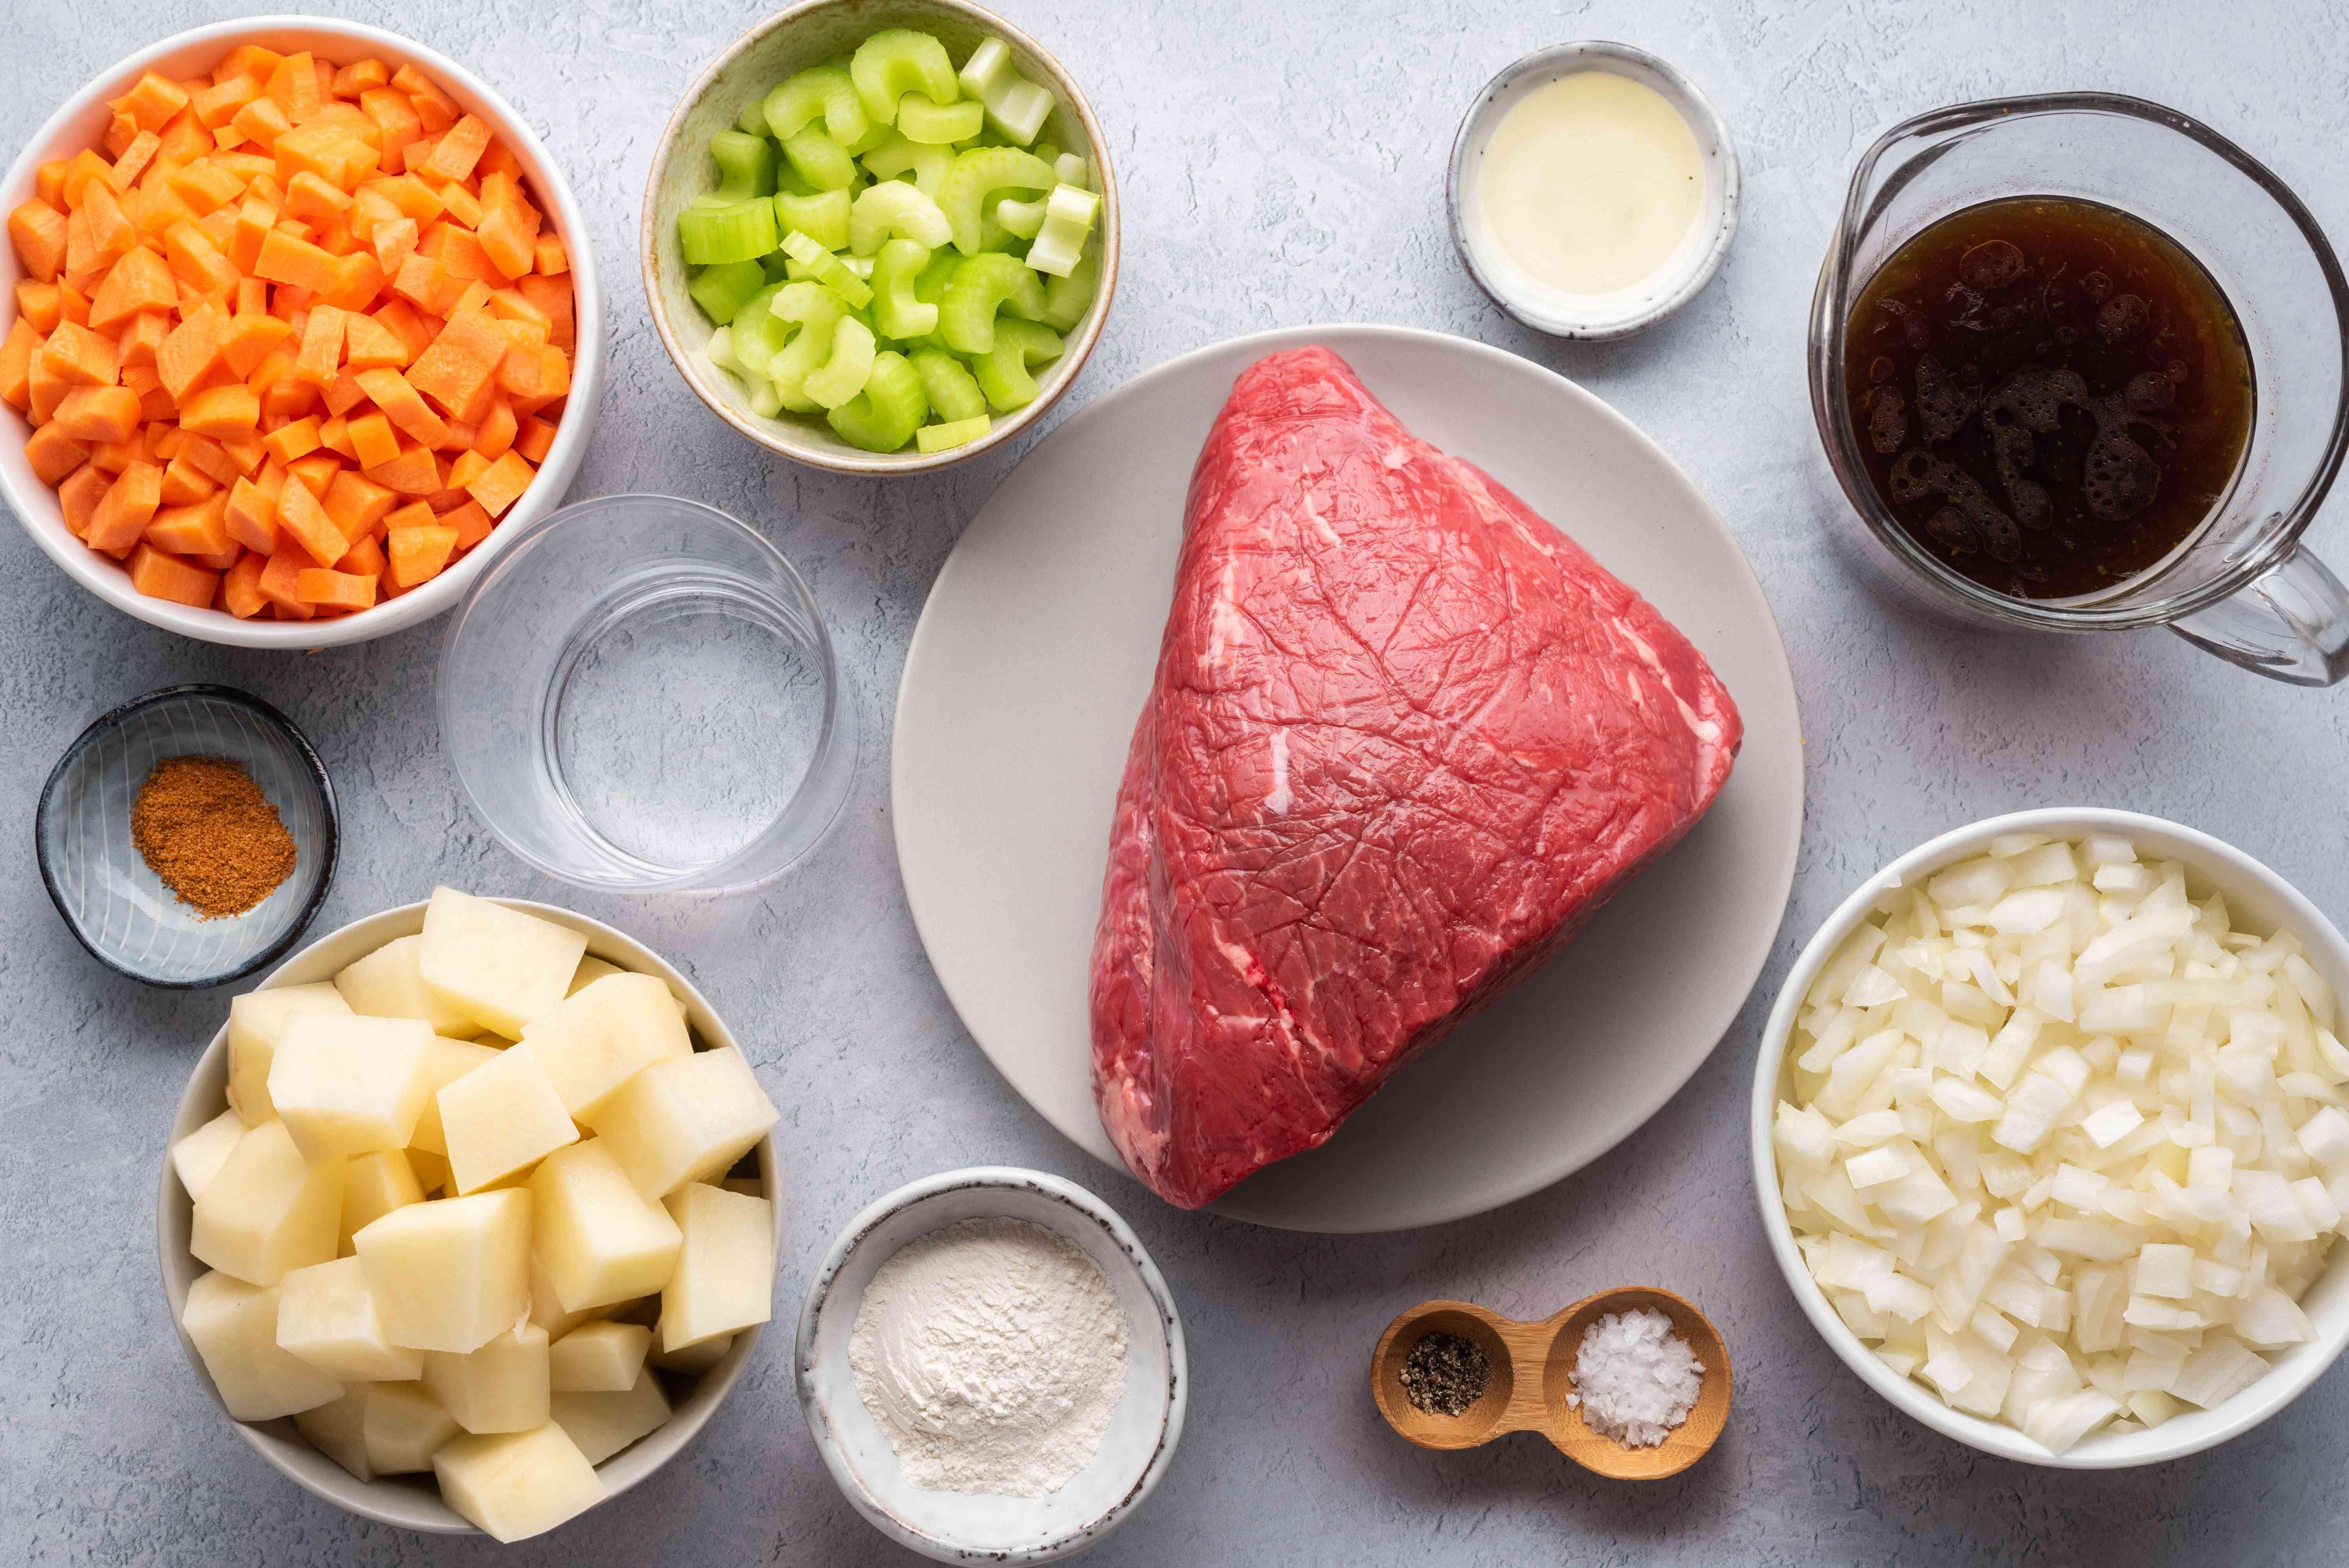 Vegetable Beef Stew ingredients